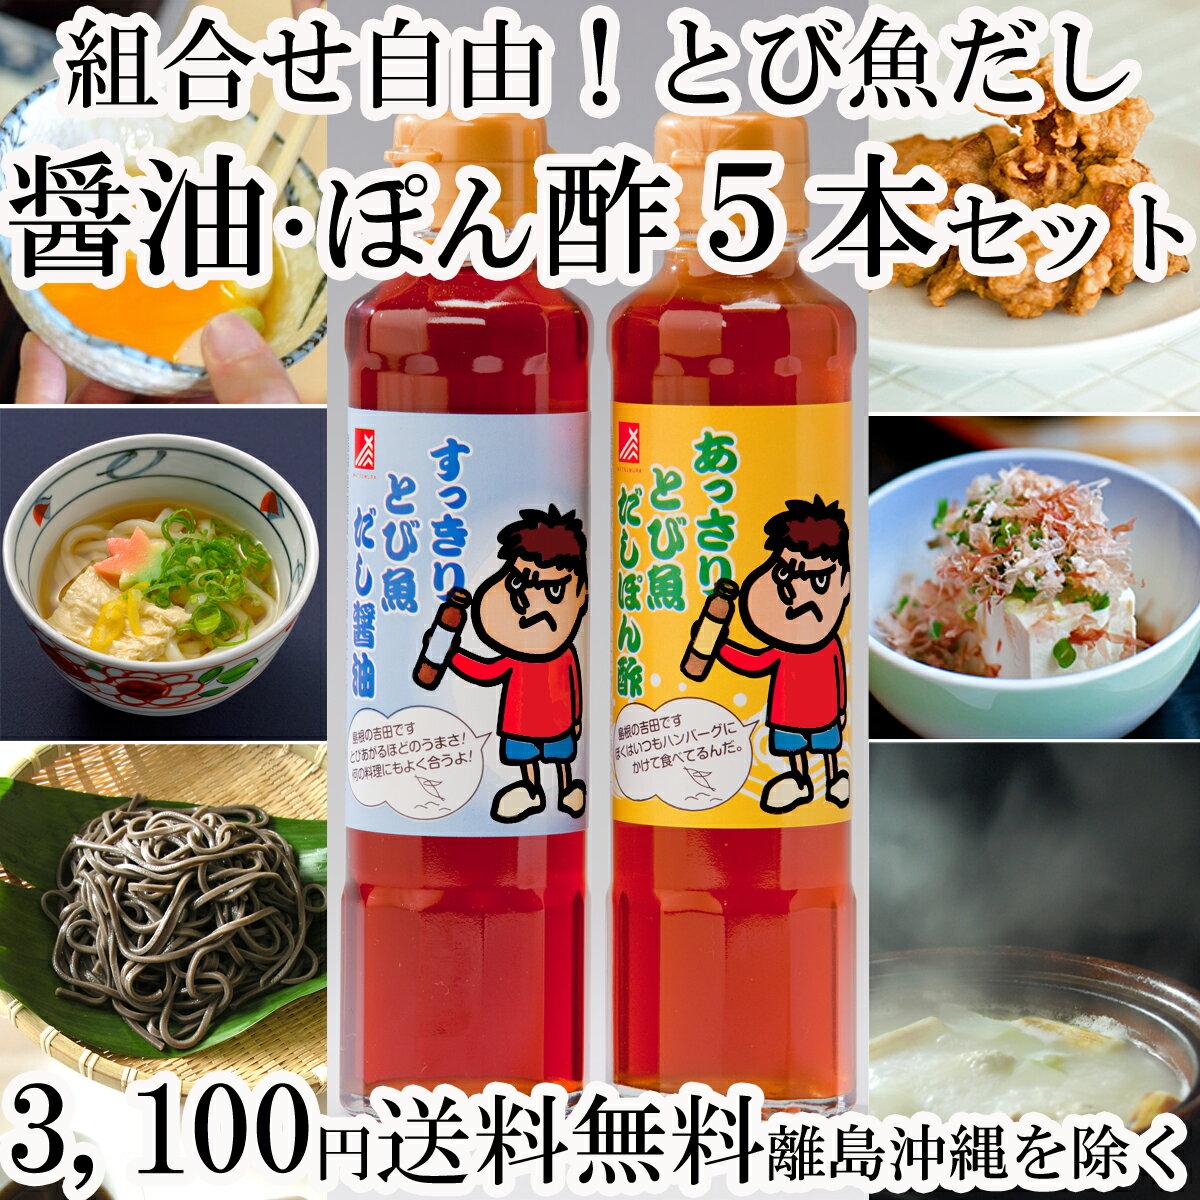 とび魚だし醤油・ぽん酢送料無料セットは組合せ自由な5本入り